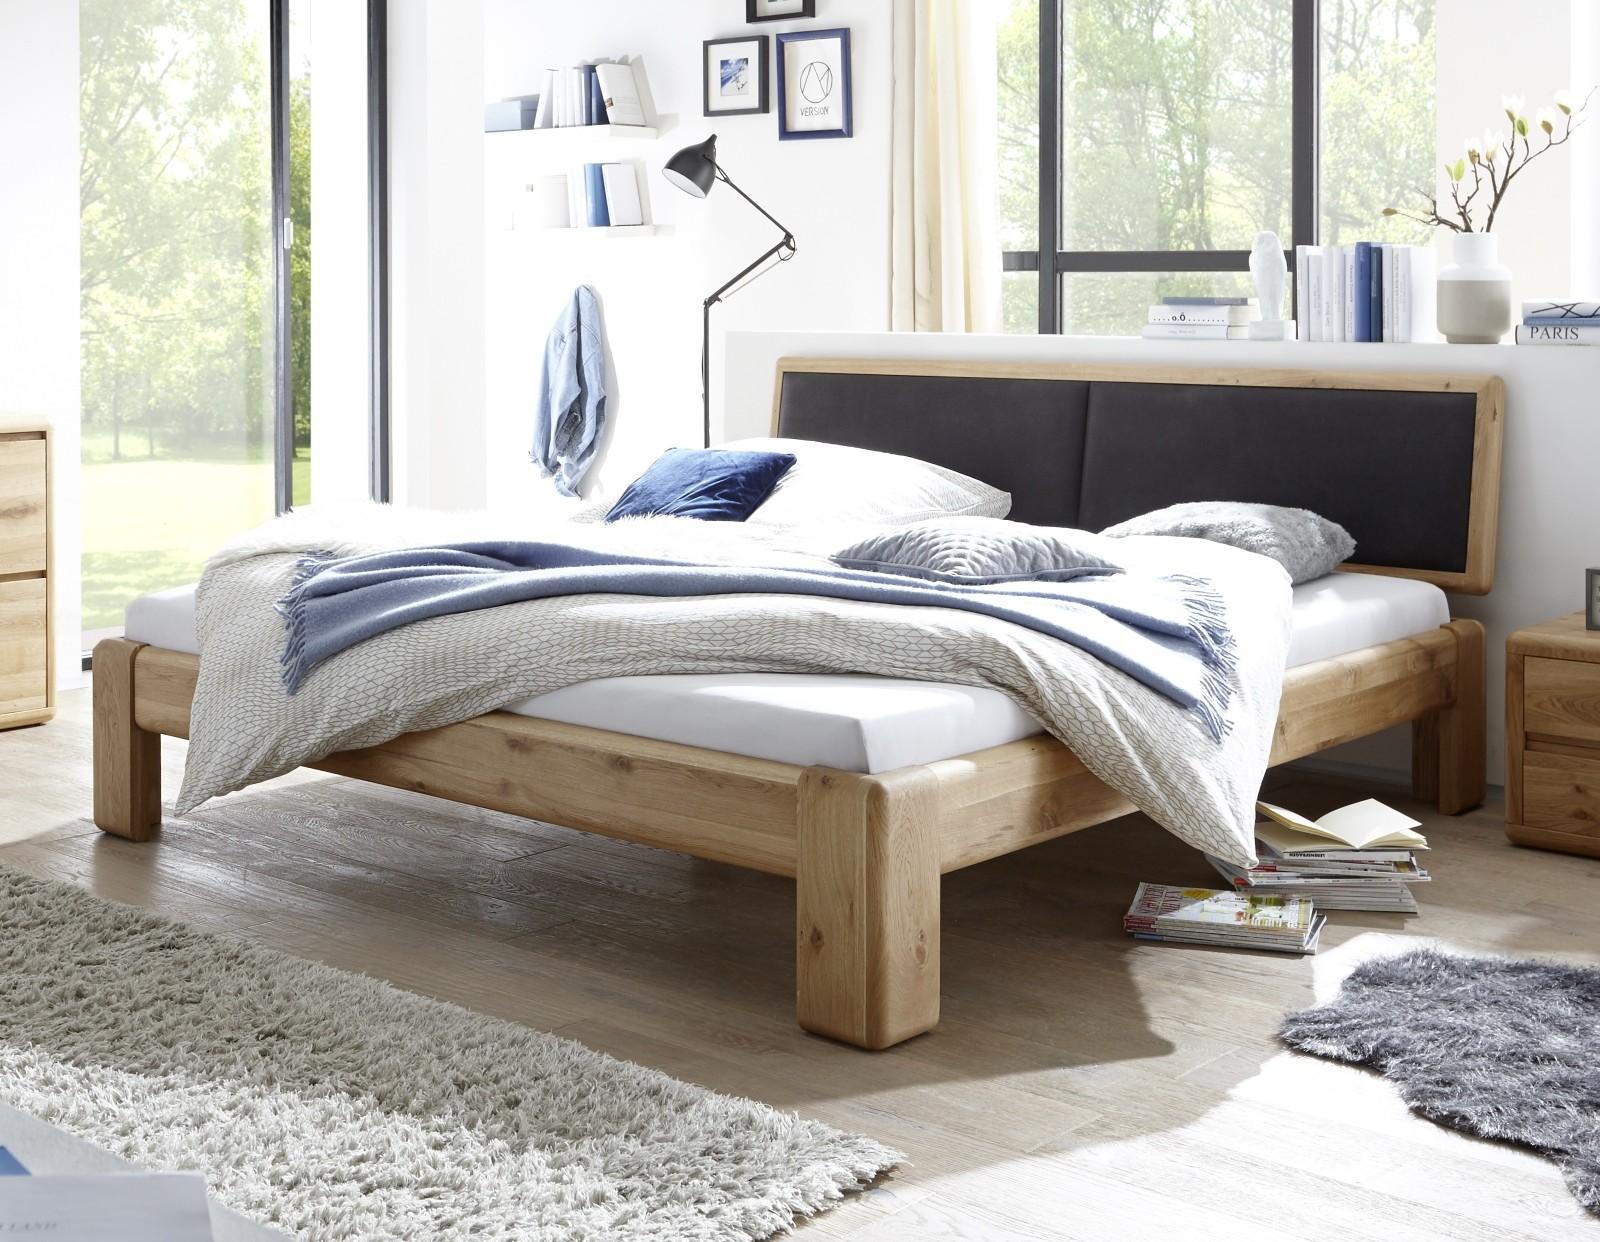 Full Size of Bett 200x220 Mit Rutsche Bette Badewannen Matratze 160 Ebay Betten 180x200 Rauch Weiß 160x200 Schlicht Japanisches Japanische Tagesdecke Bett Bett 200x220